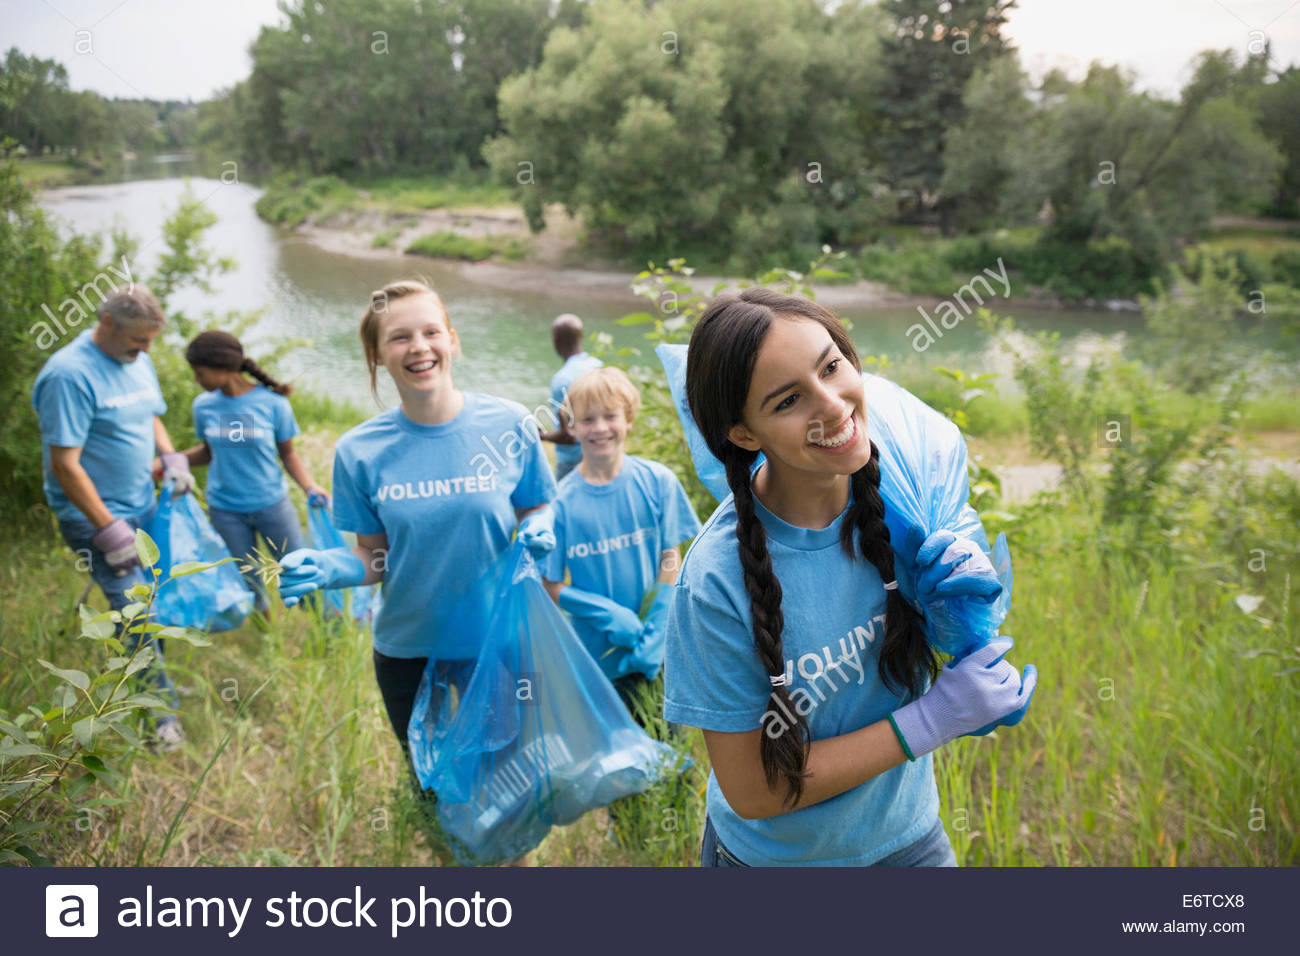 Volunteers carrying garbage bags in field - Stock Image